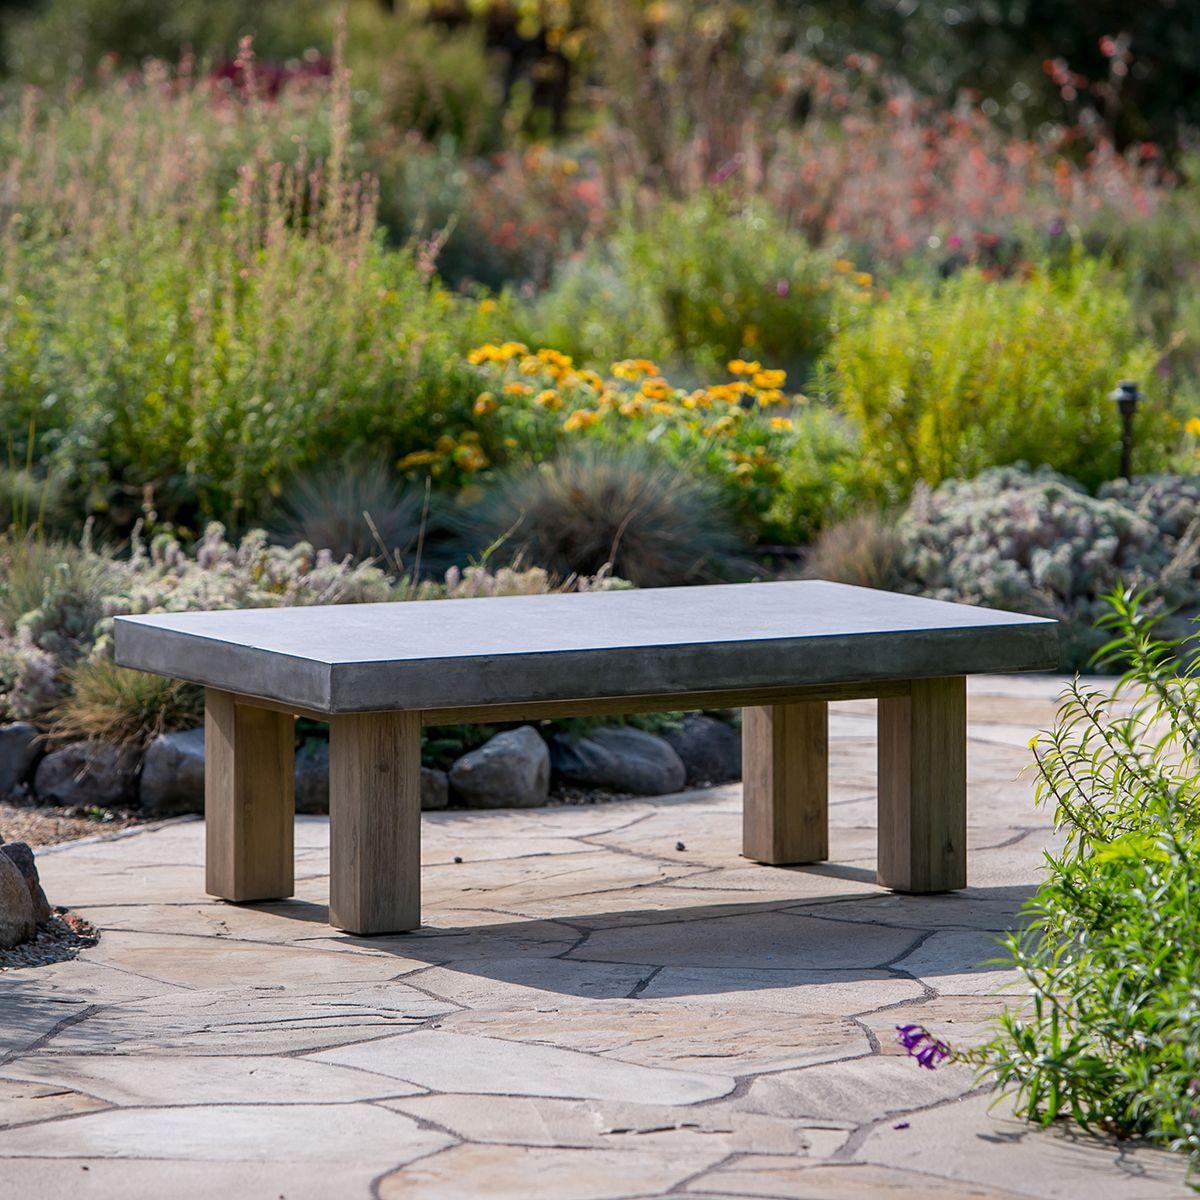 Bordeaux table concrete top u patio design spaces pinterest